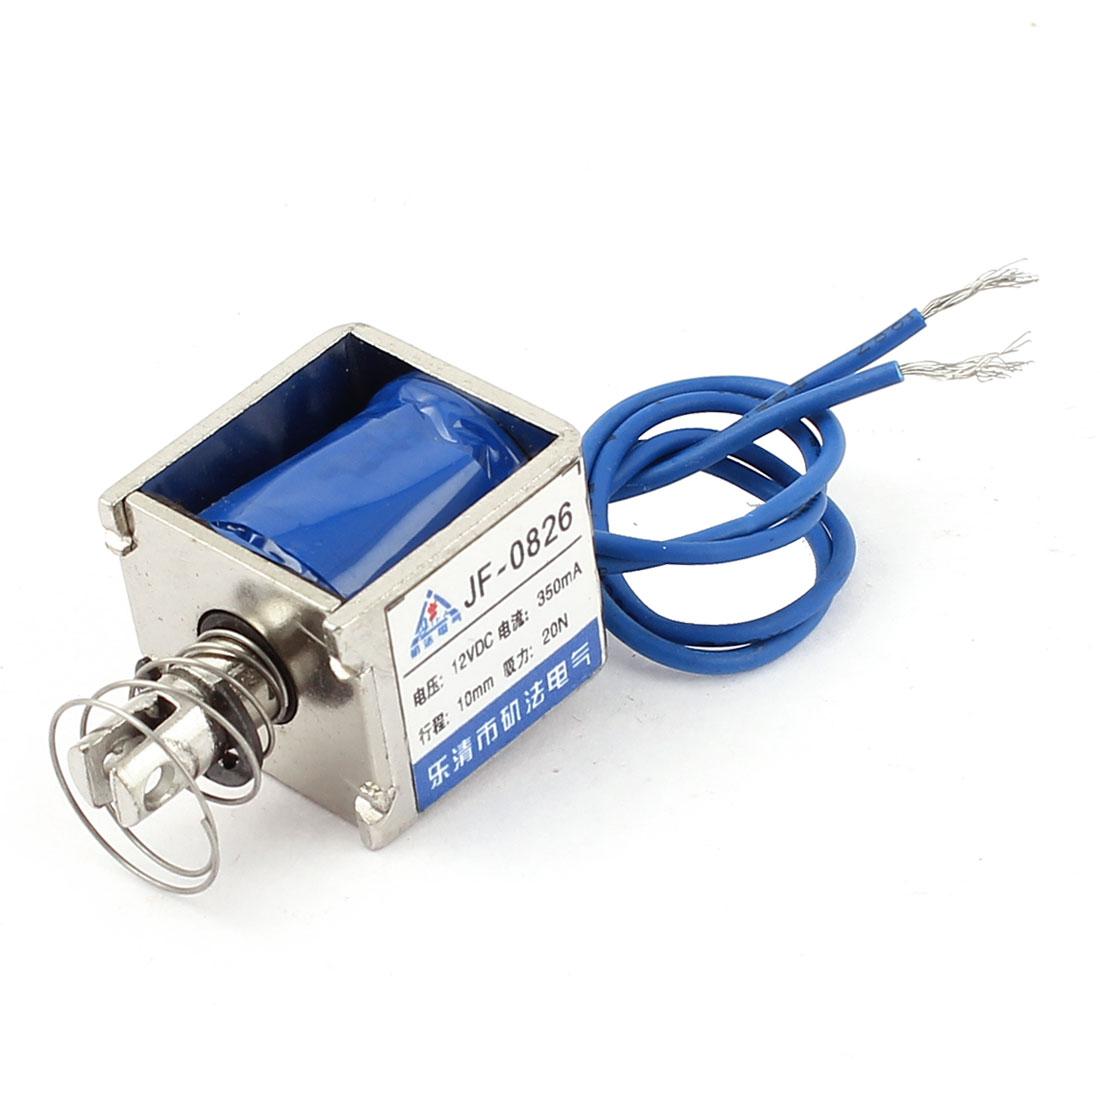 12V 350mA 10mm 20N Open Frame Actuator DC Solenoid Electromagnet